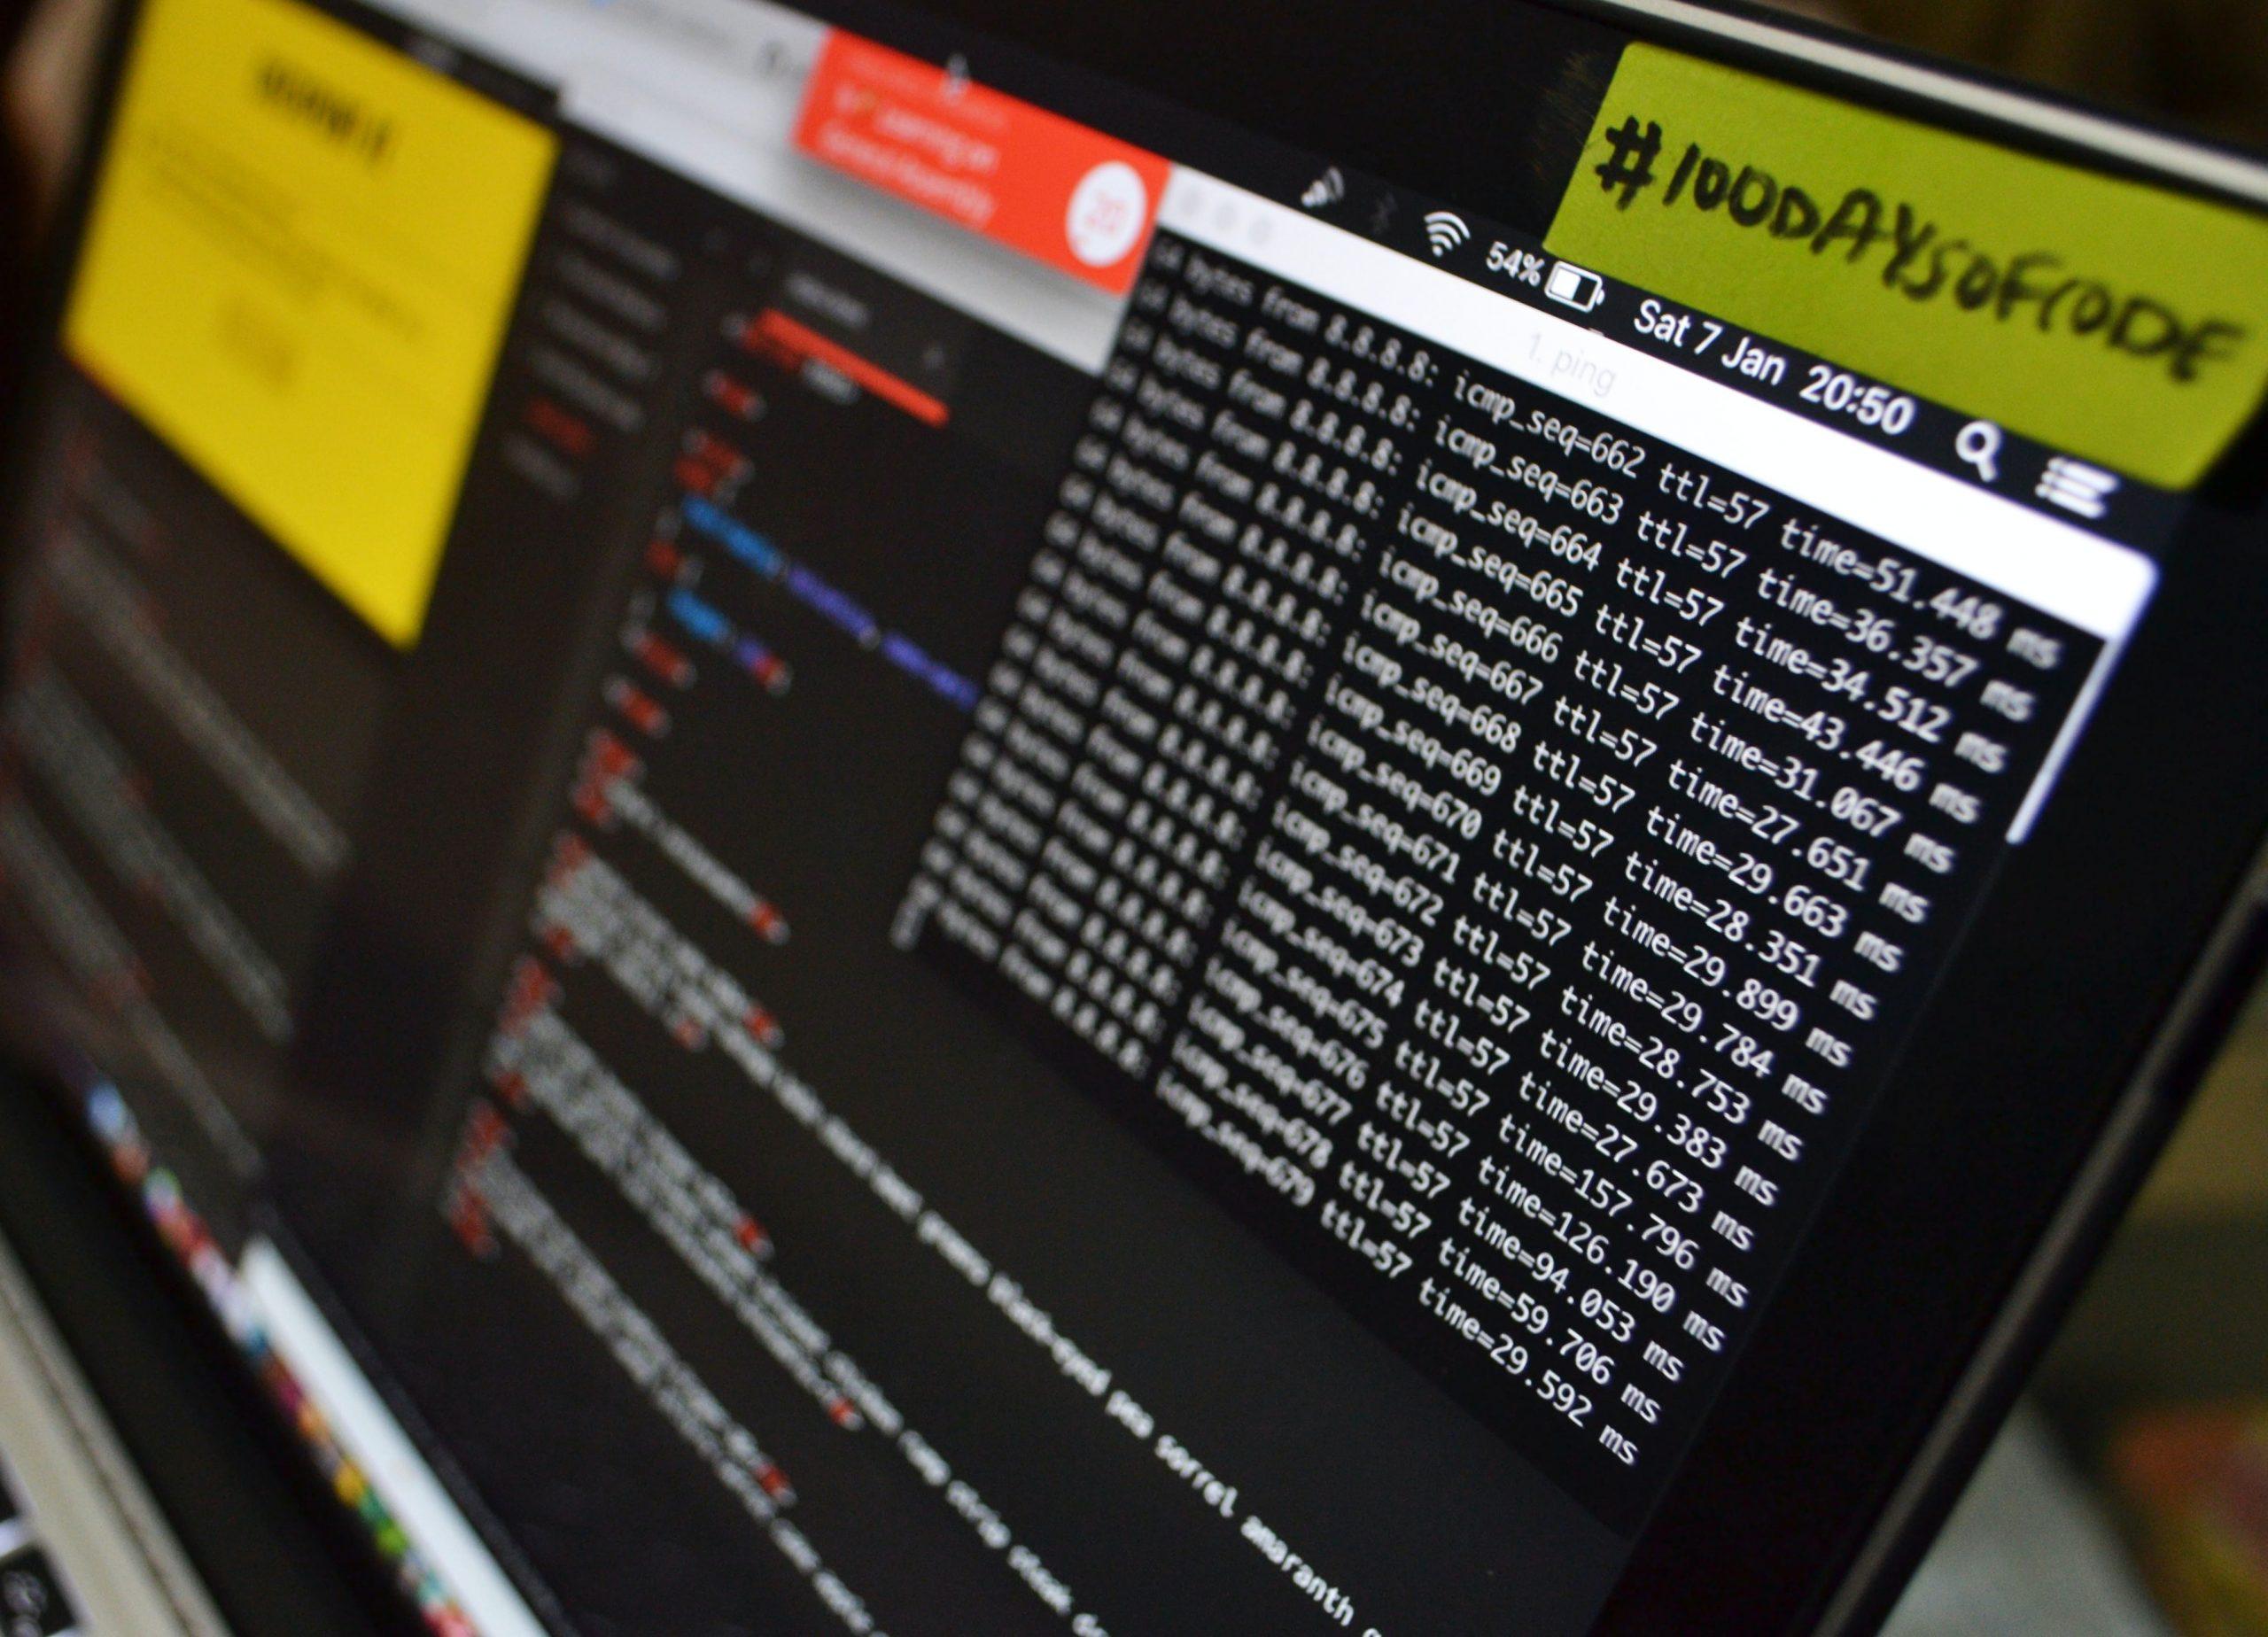 グーグルが指摘する、ソフトウェアの脆弱性が無くならない理由